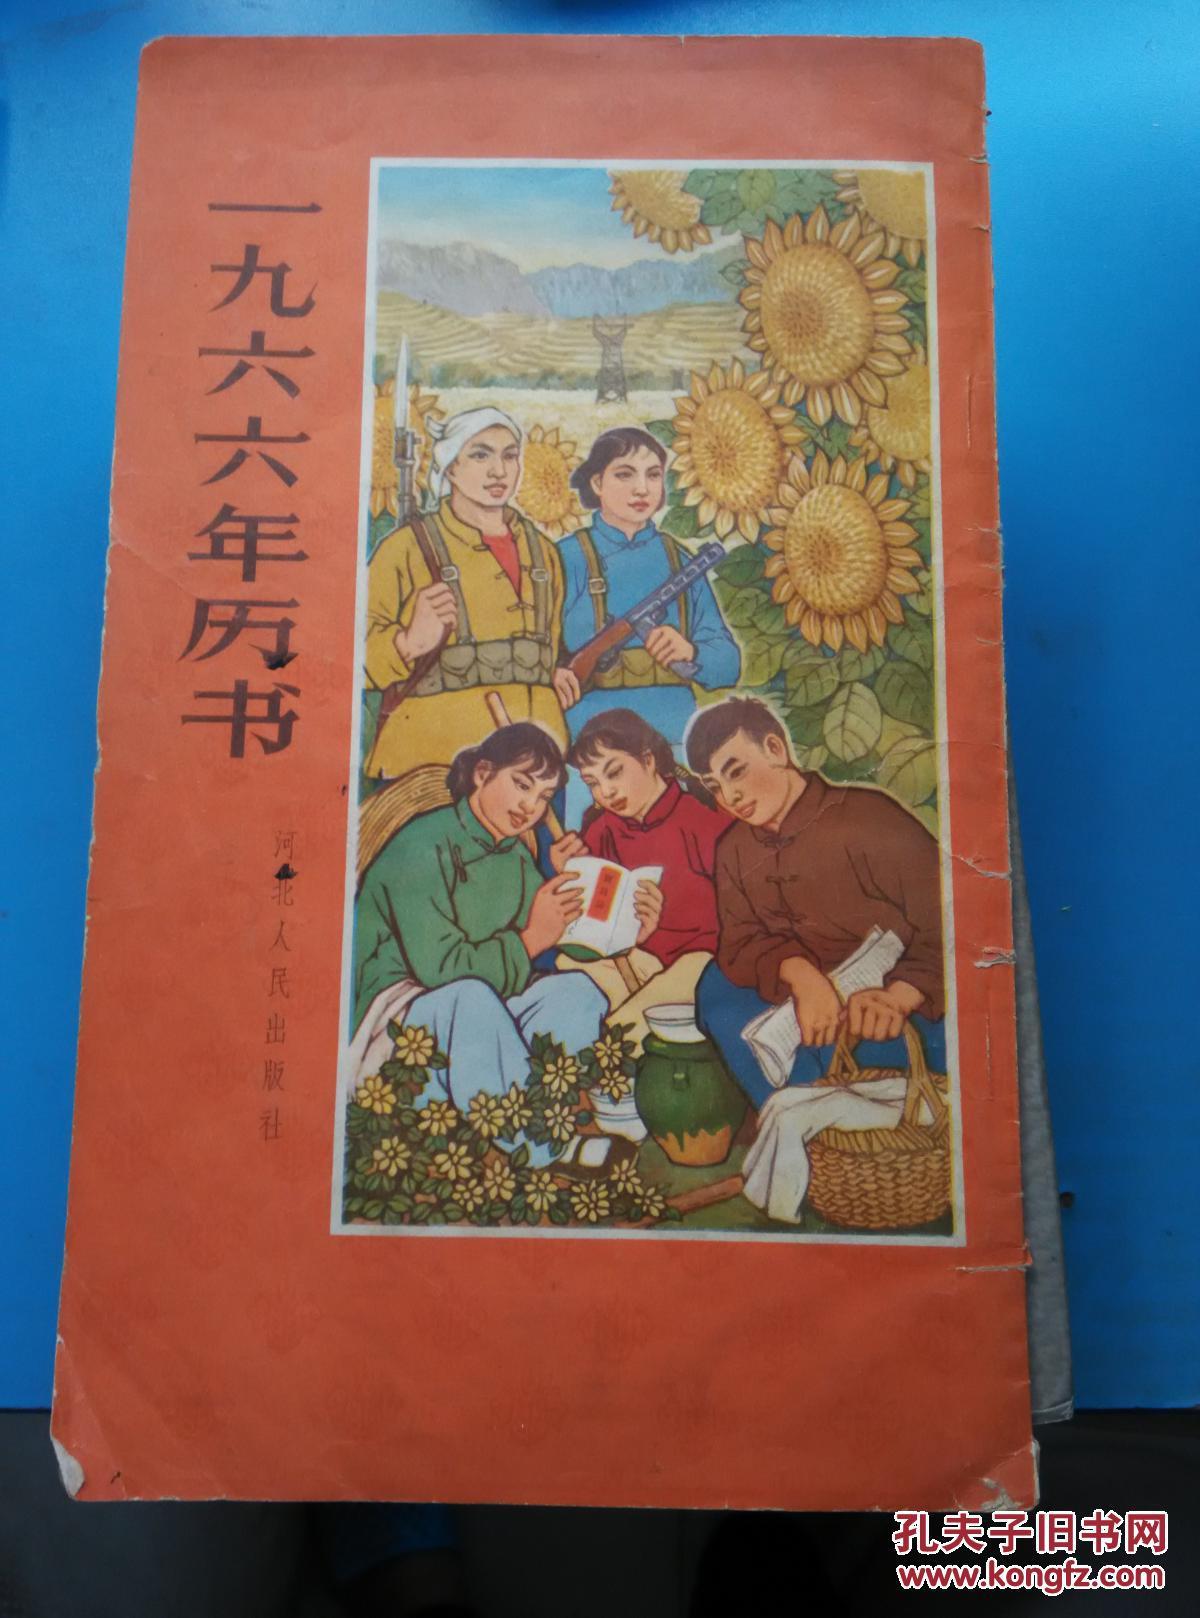 【图】一九六六年历书_河北人民出版社_孔夫子旧书网